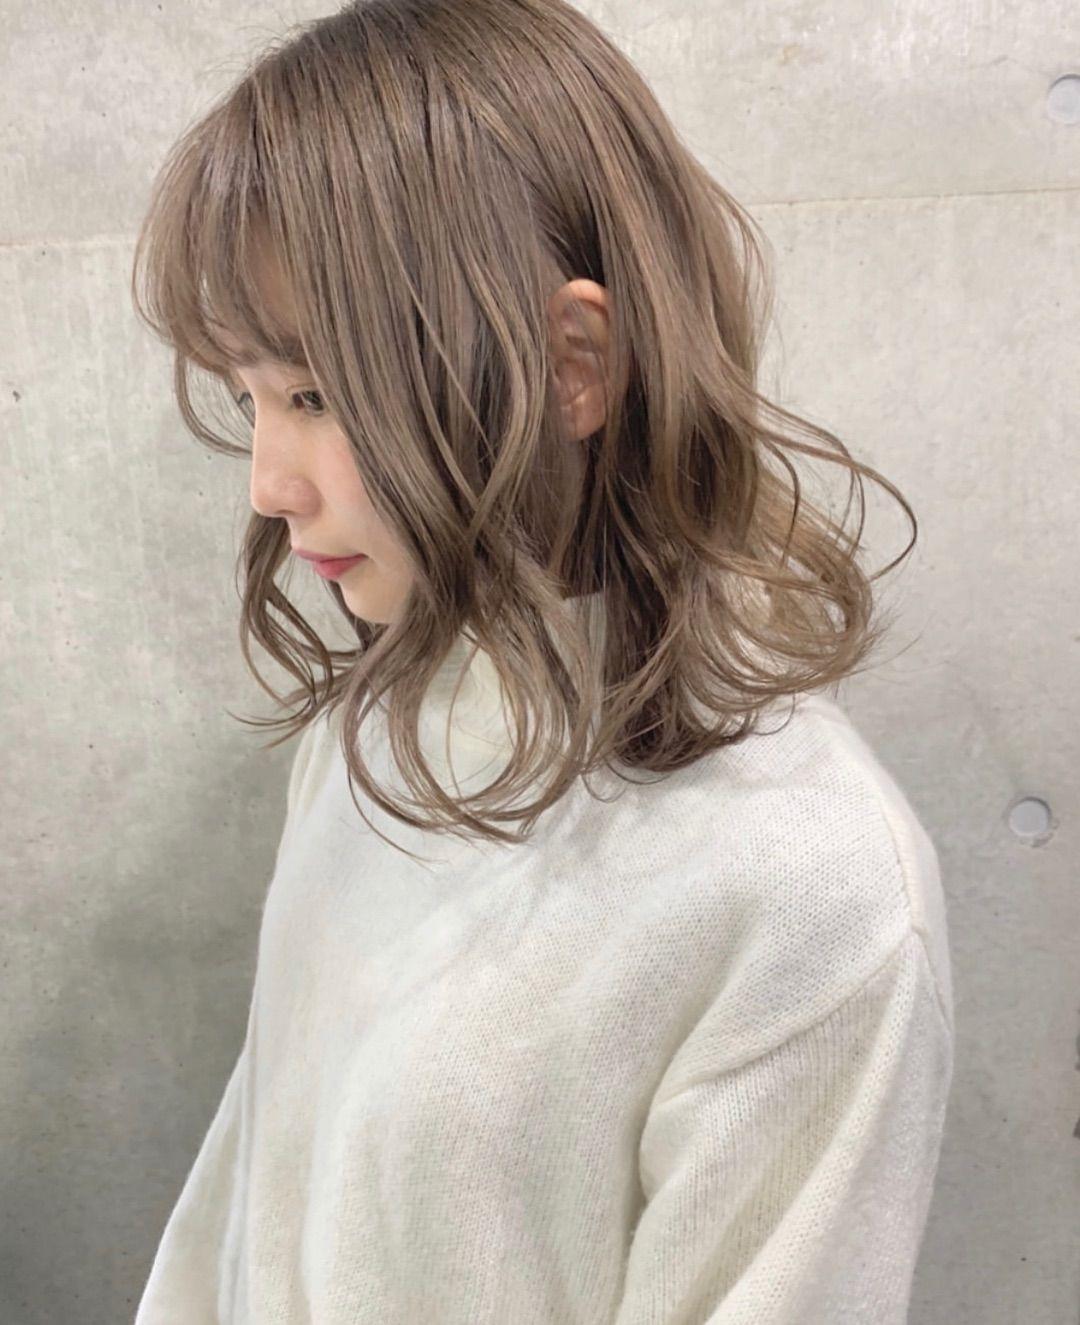 武田 響 ミルクティーカラー バンド好き美容師 On Instagram ミルク